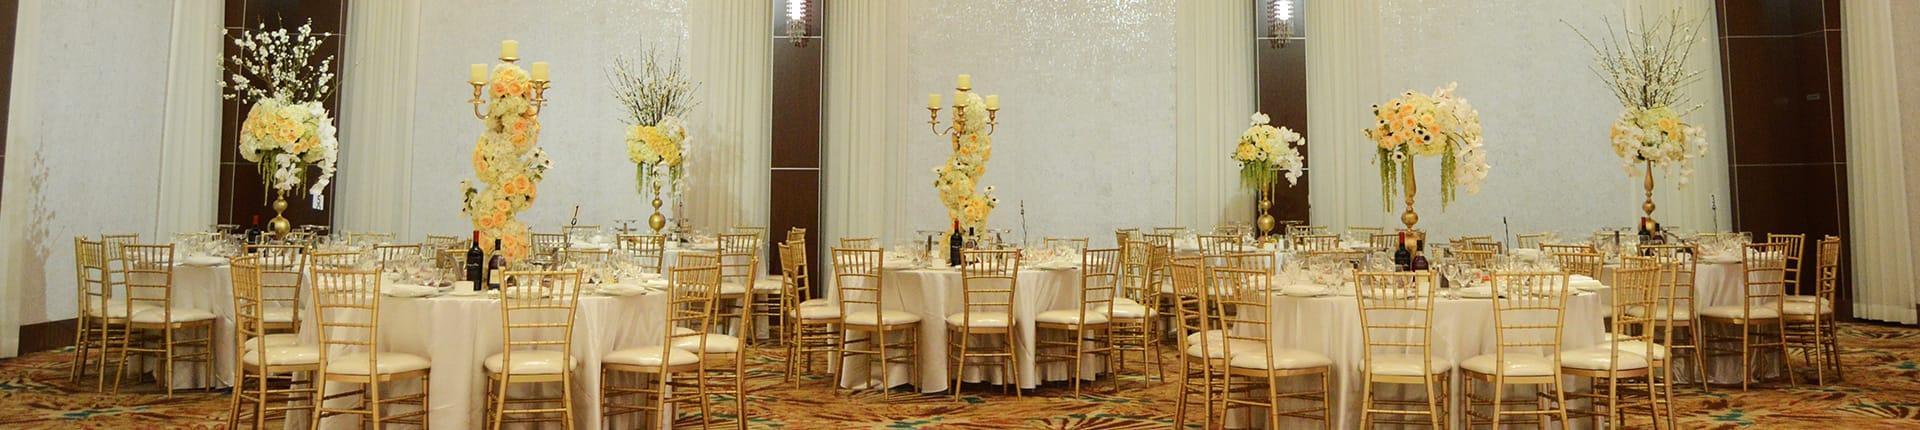 Renaissance Banquet Hall - Millennium Ballroom